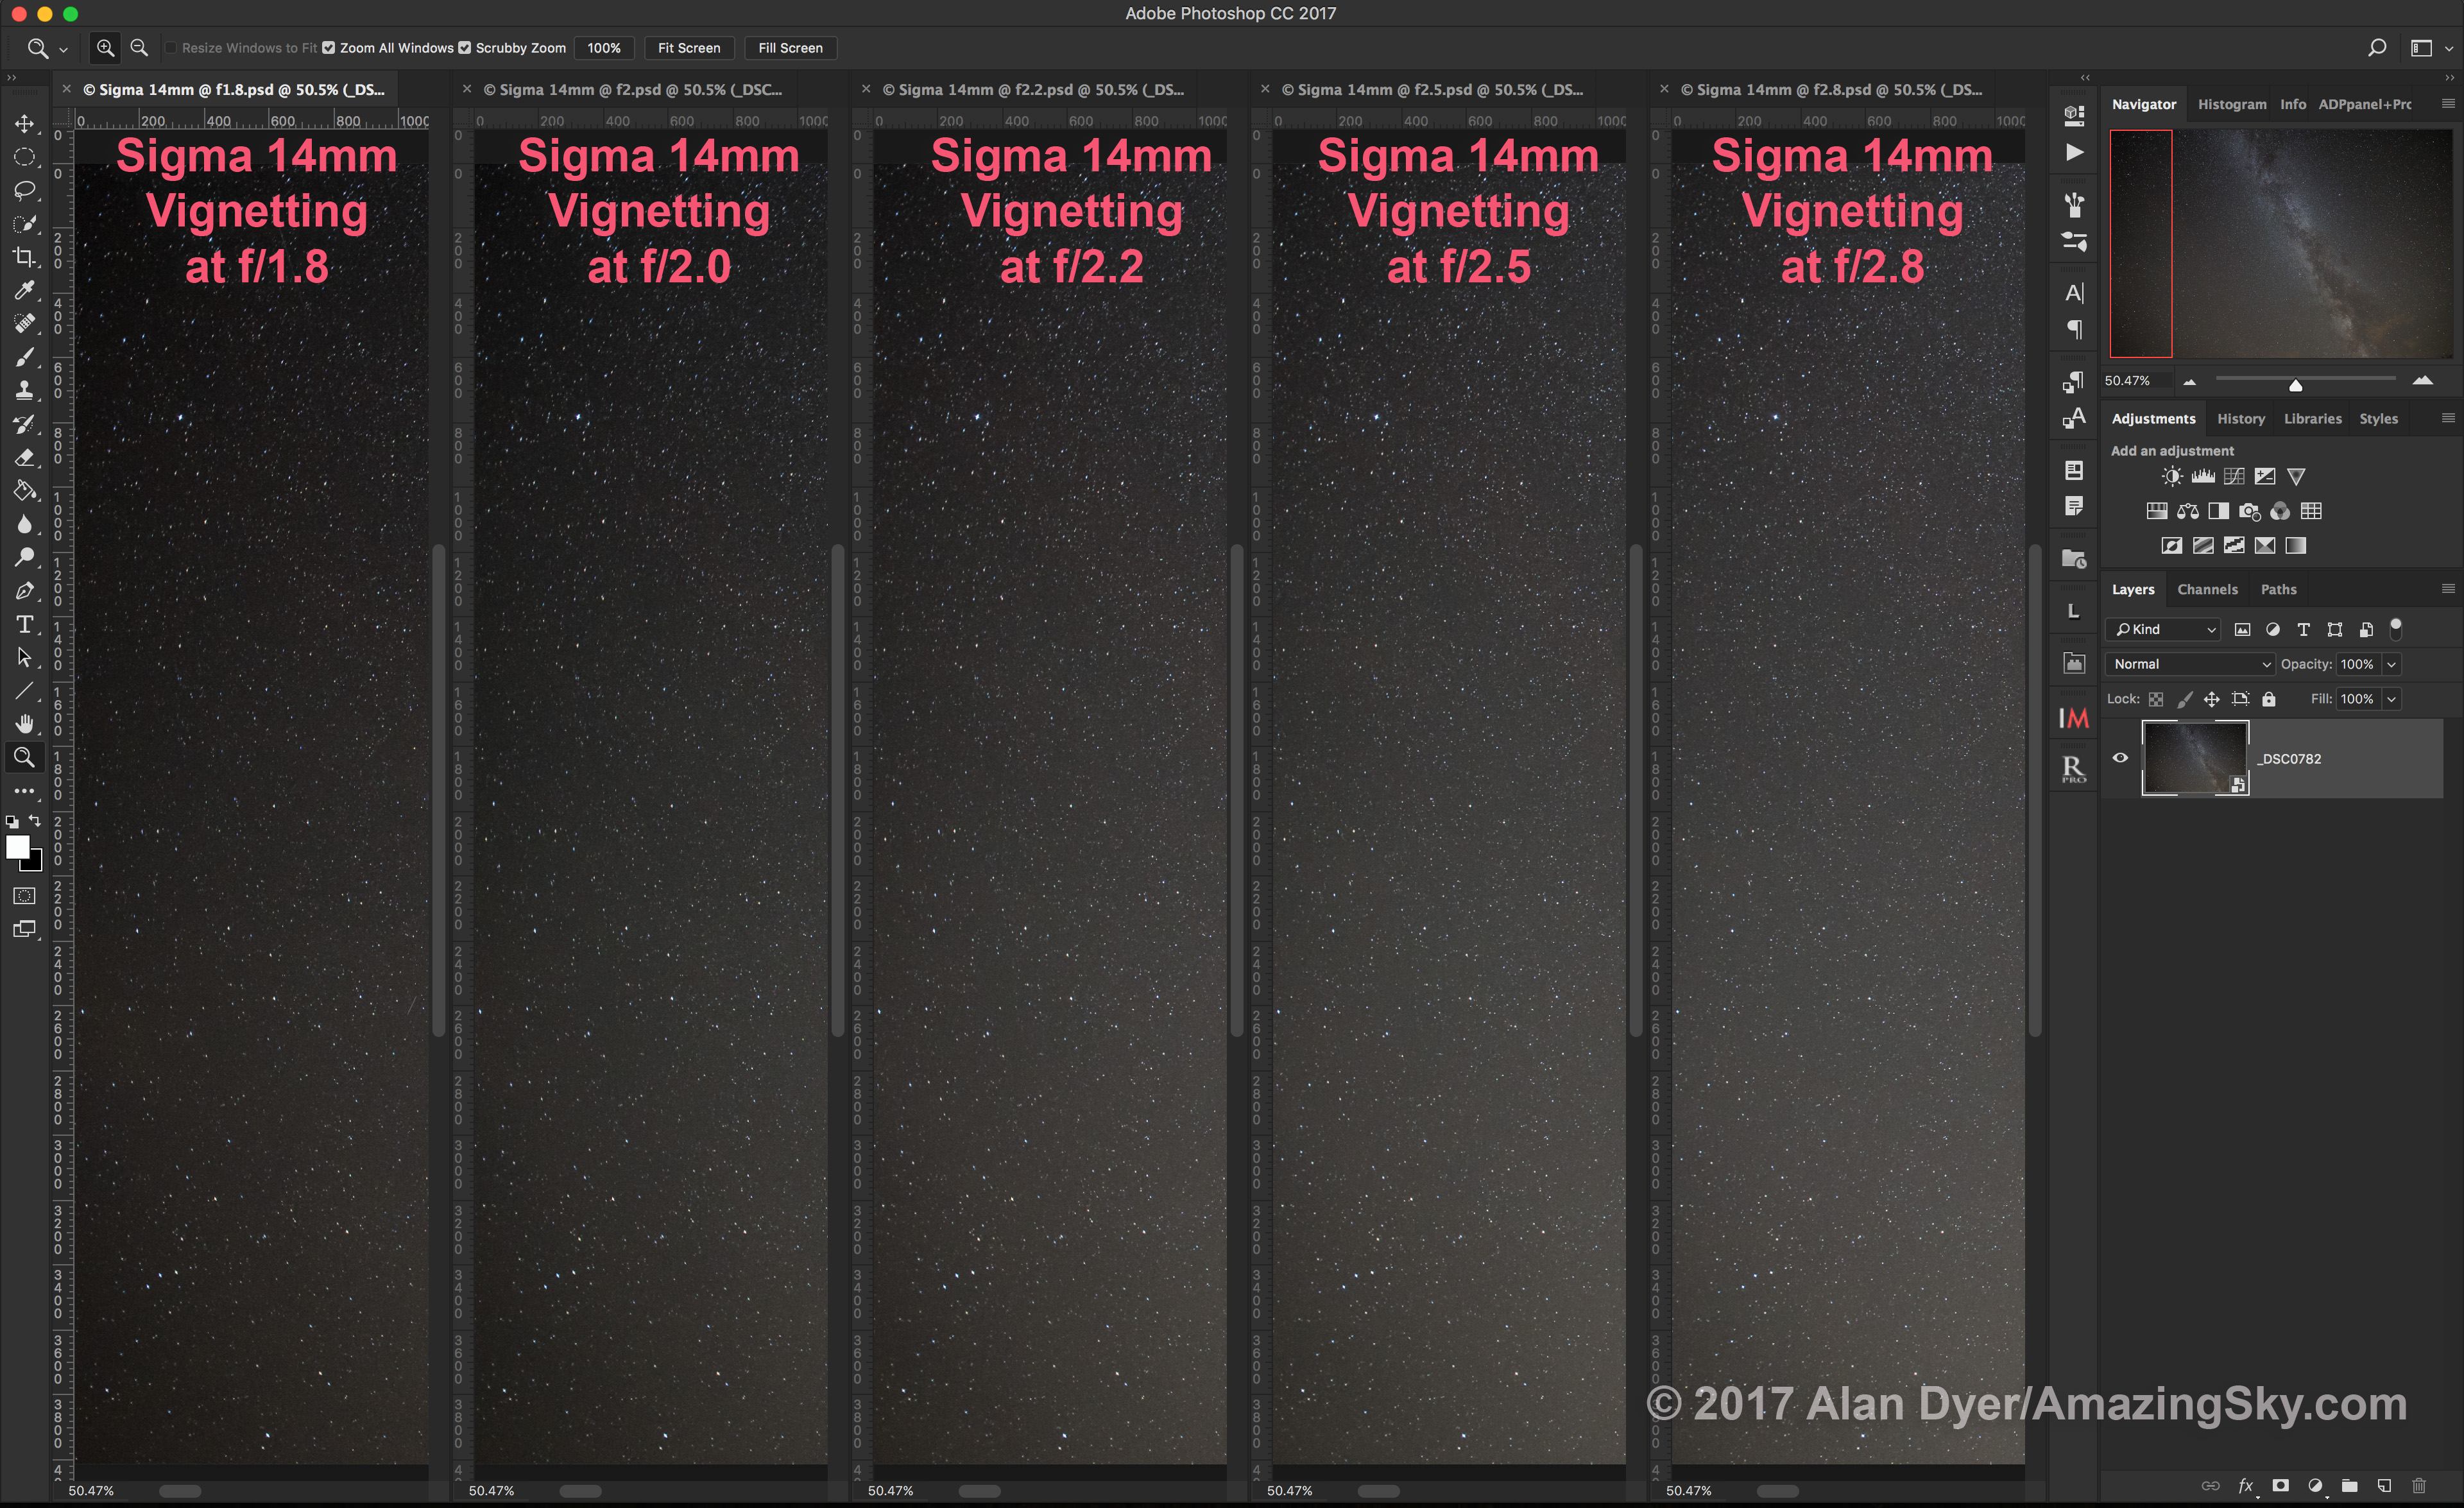 Sigma 14mm Vignetting (5 Apertures)